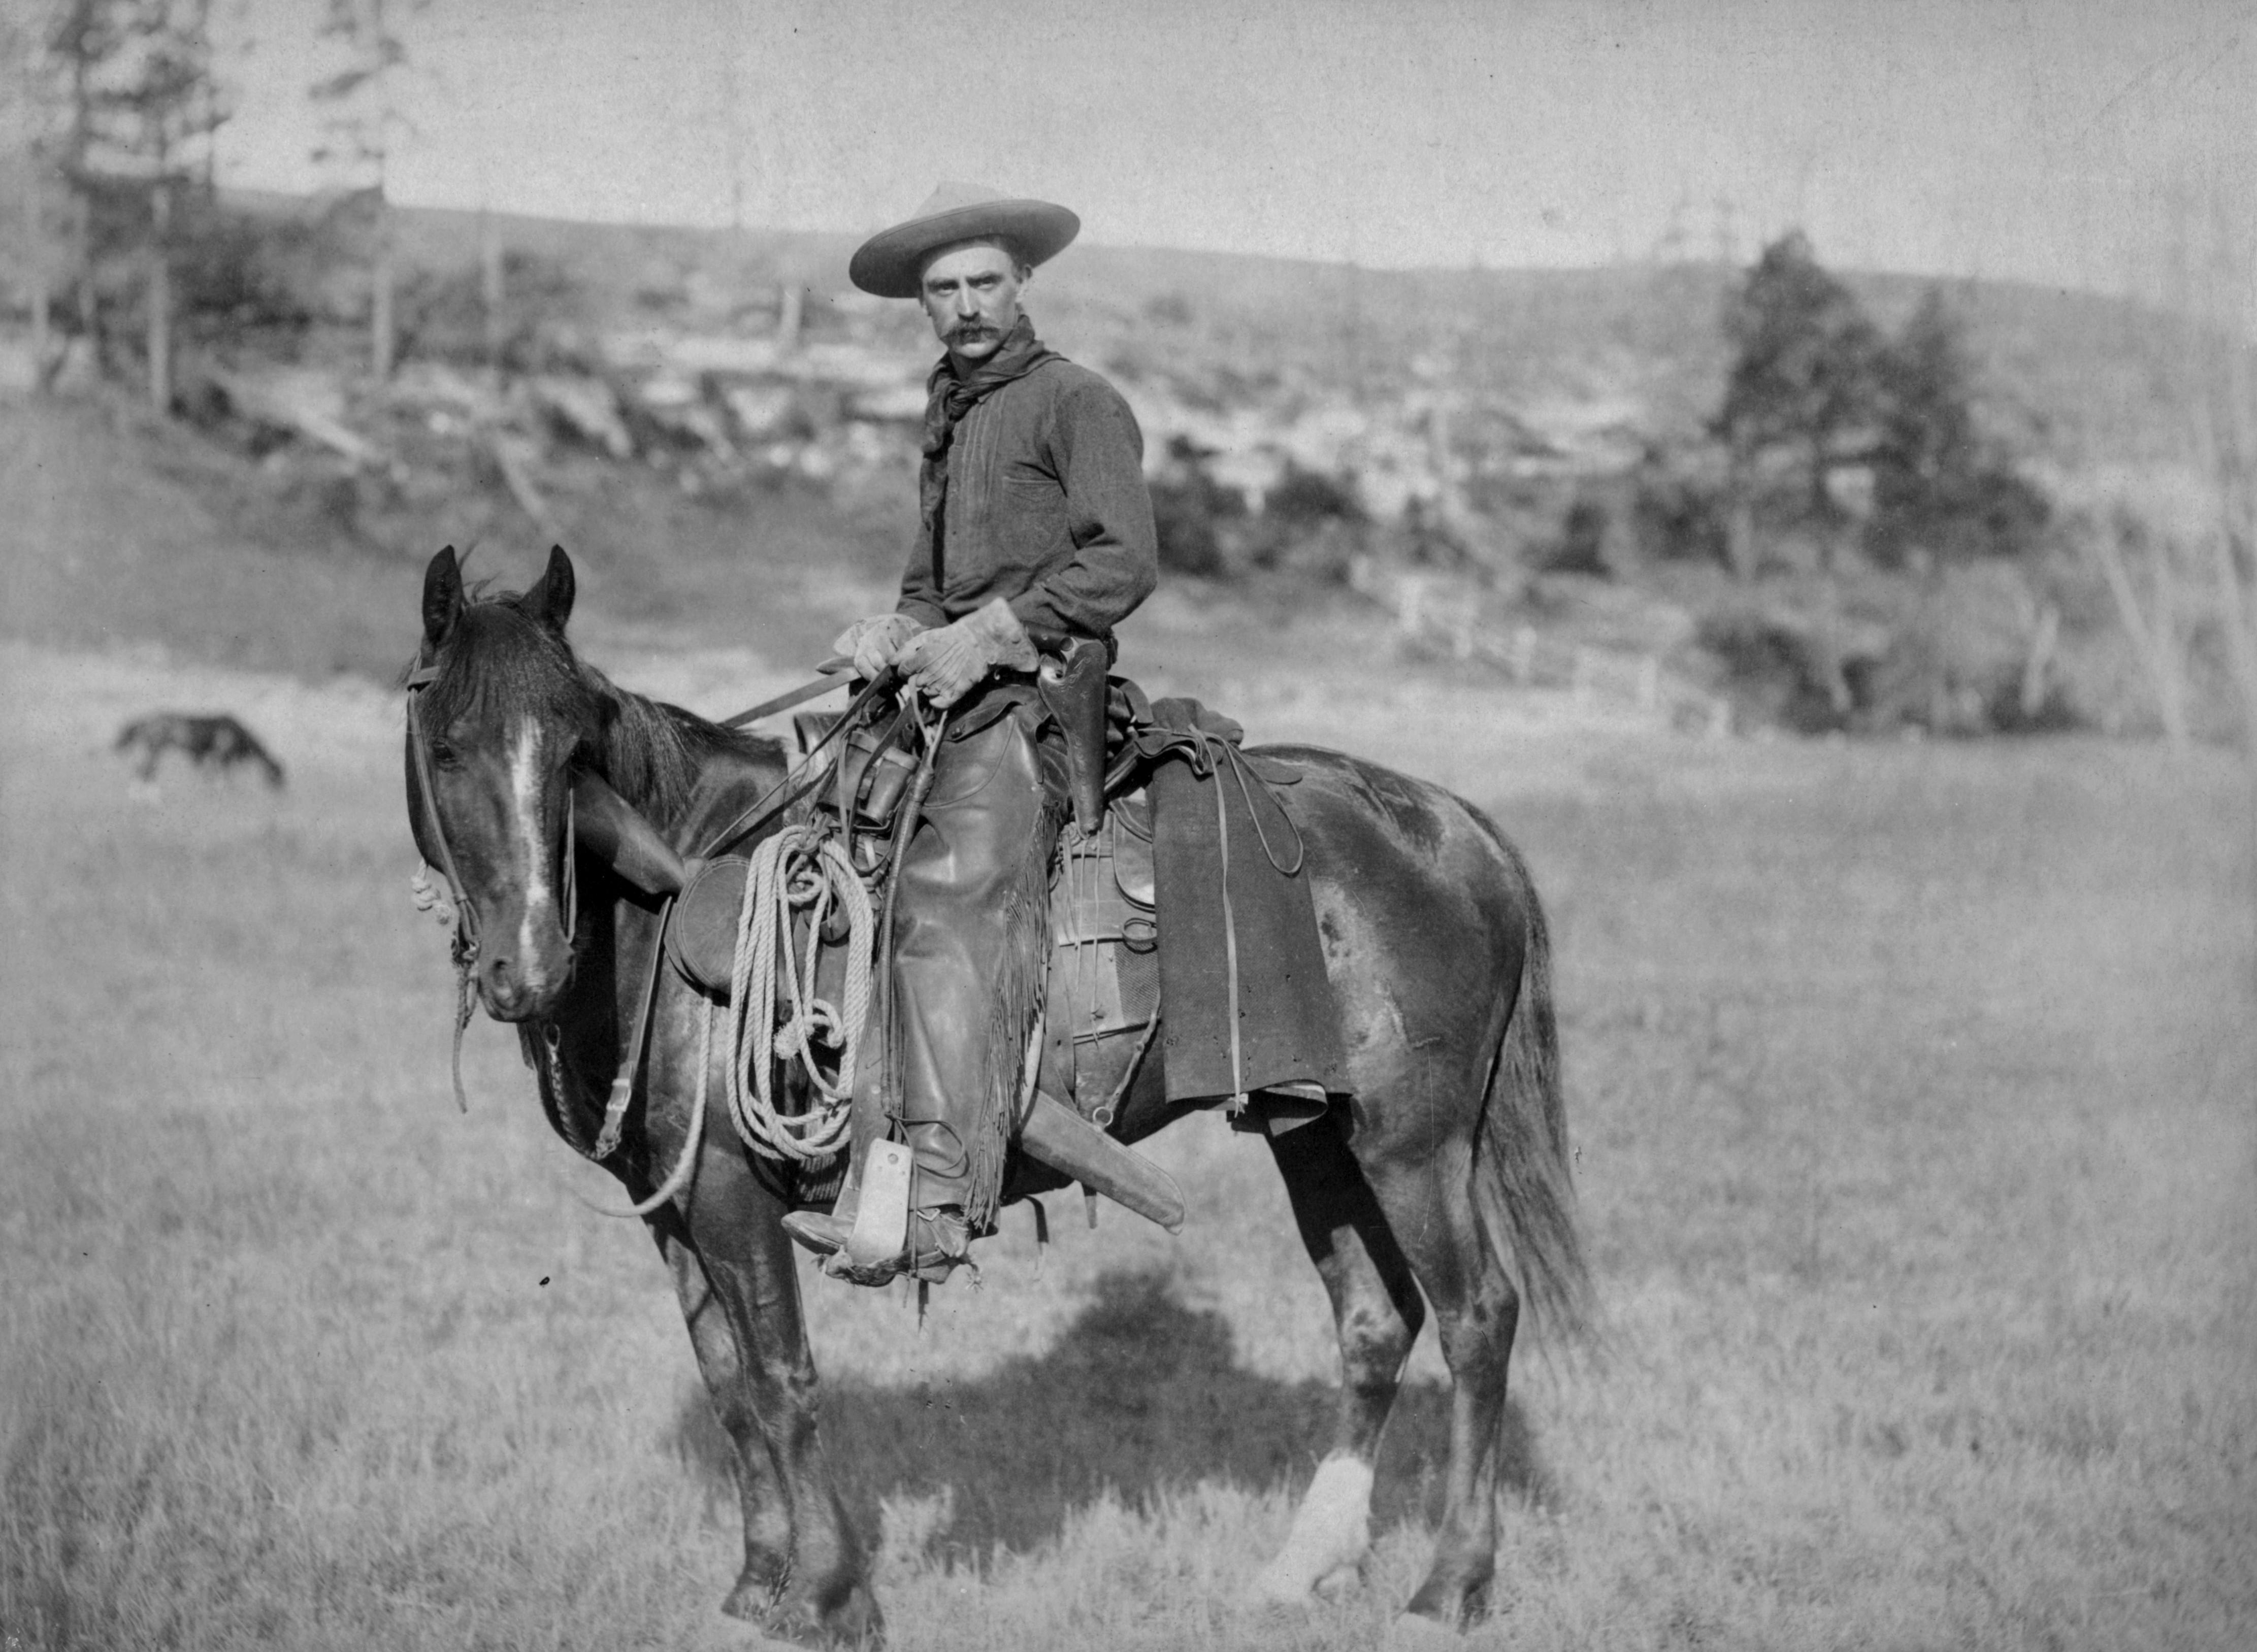 Cowboy - Wikipedia